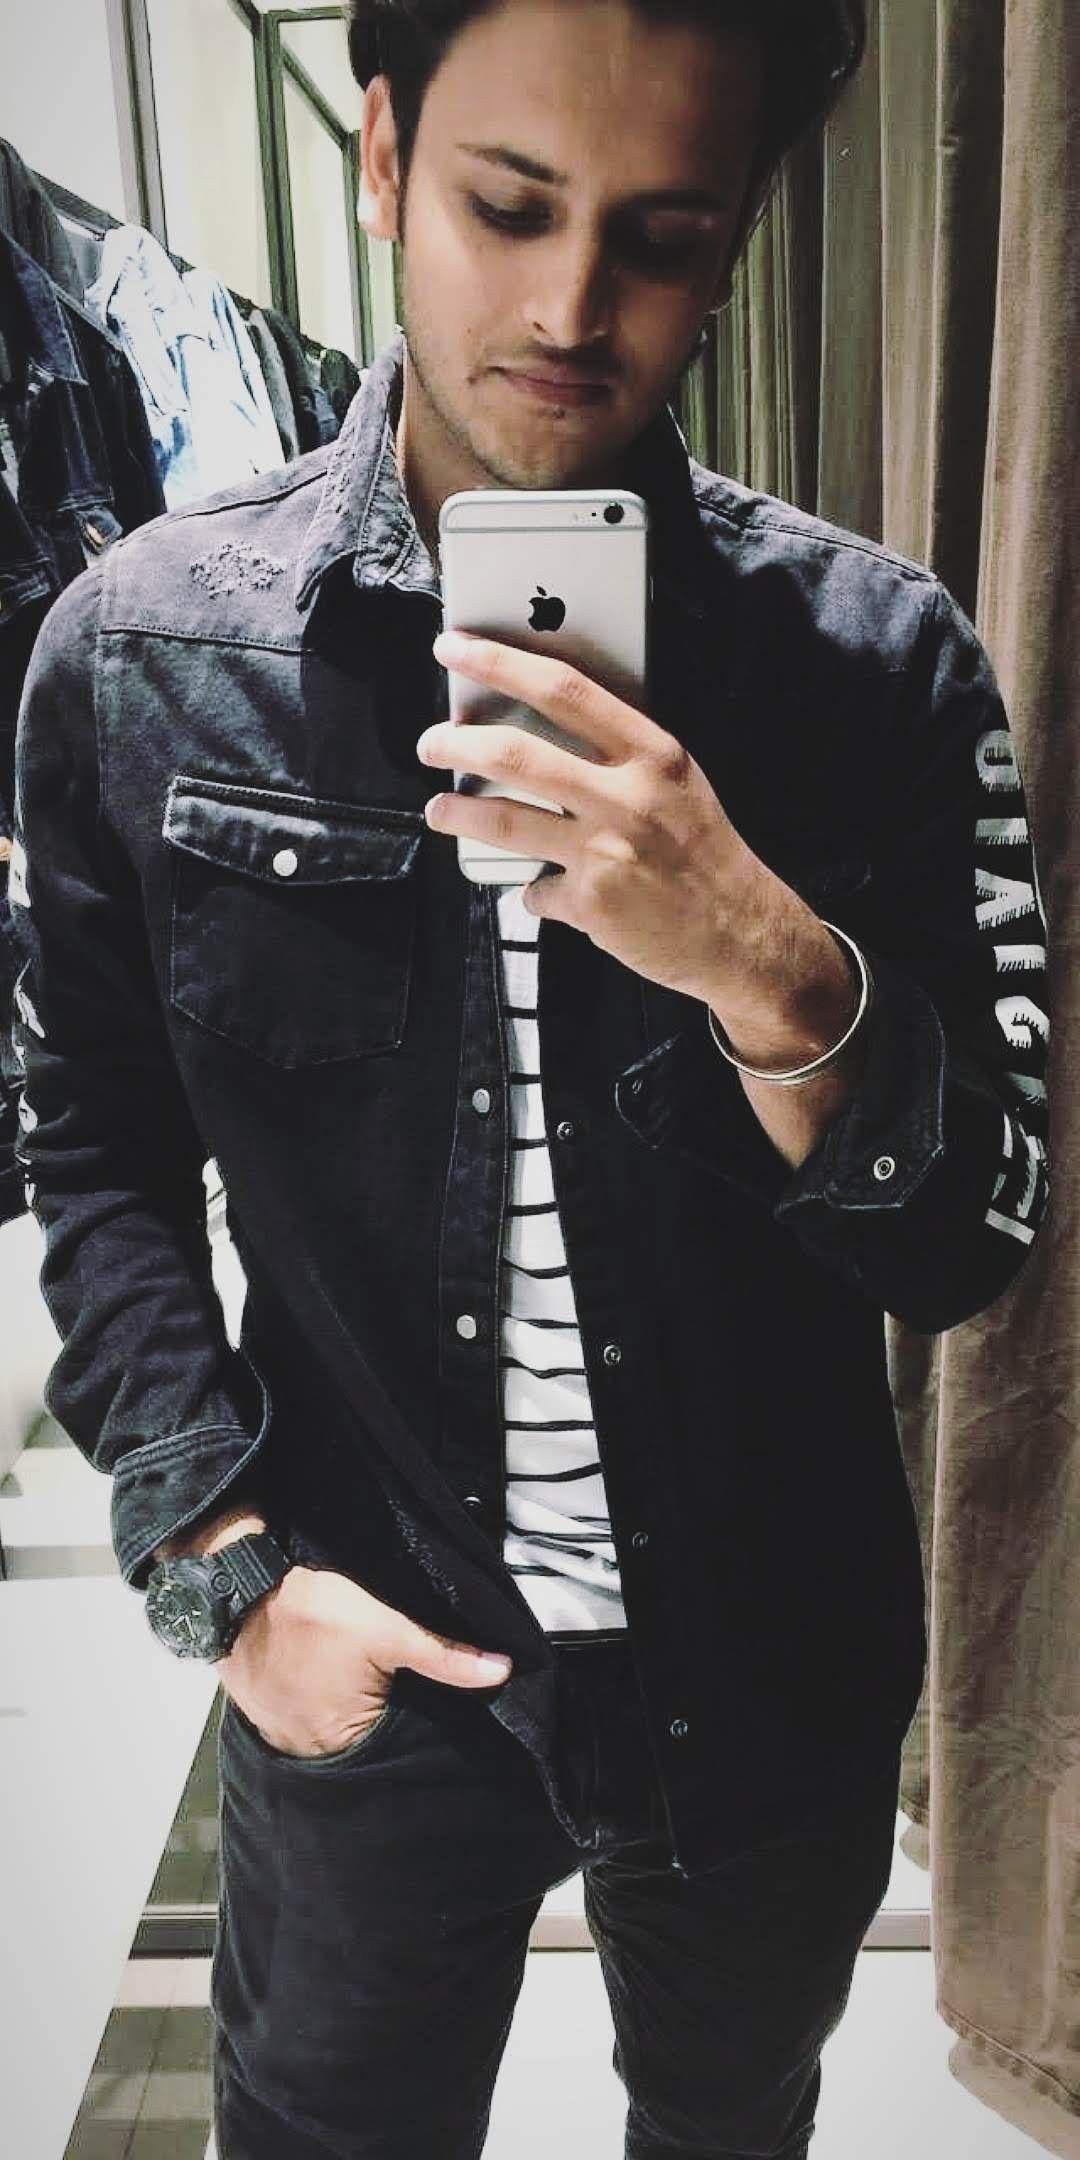 Black Denim Jacket Mirror Selfie Men S Fashion Indian Fashion Skaus Black Denim Jacket Black Denim Jacket Men Black Jean Jacket Outfit [ 2160 x 1080 Pixel ]